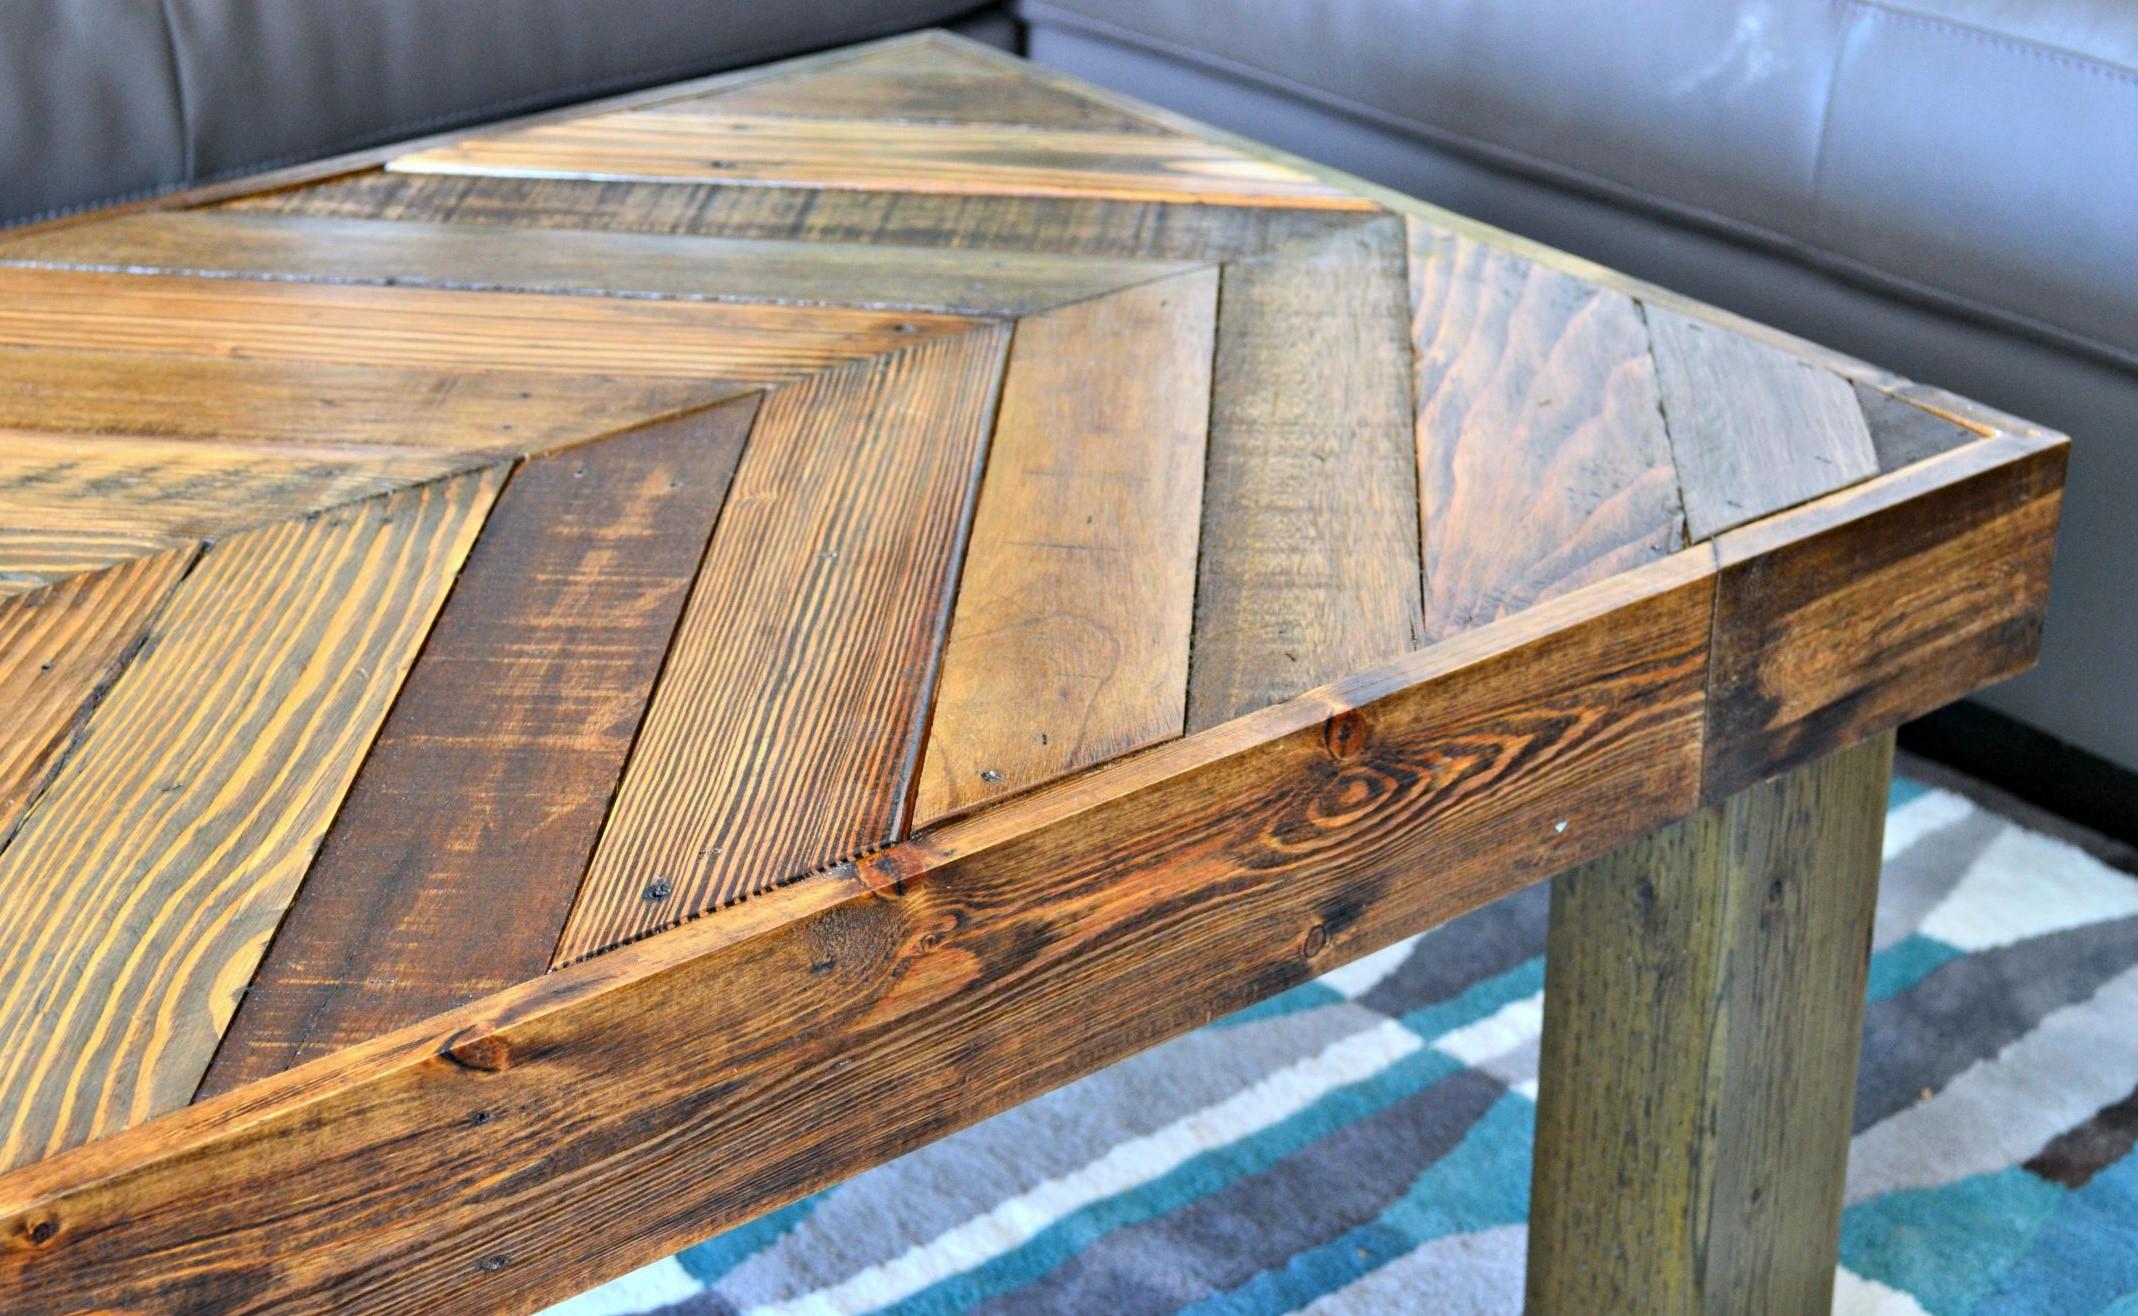 Cette table offre un style unique car elle a toutes les couleurs de bois qui la distinguent vraiment des autres.